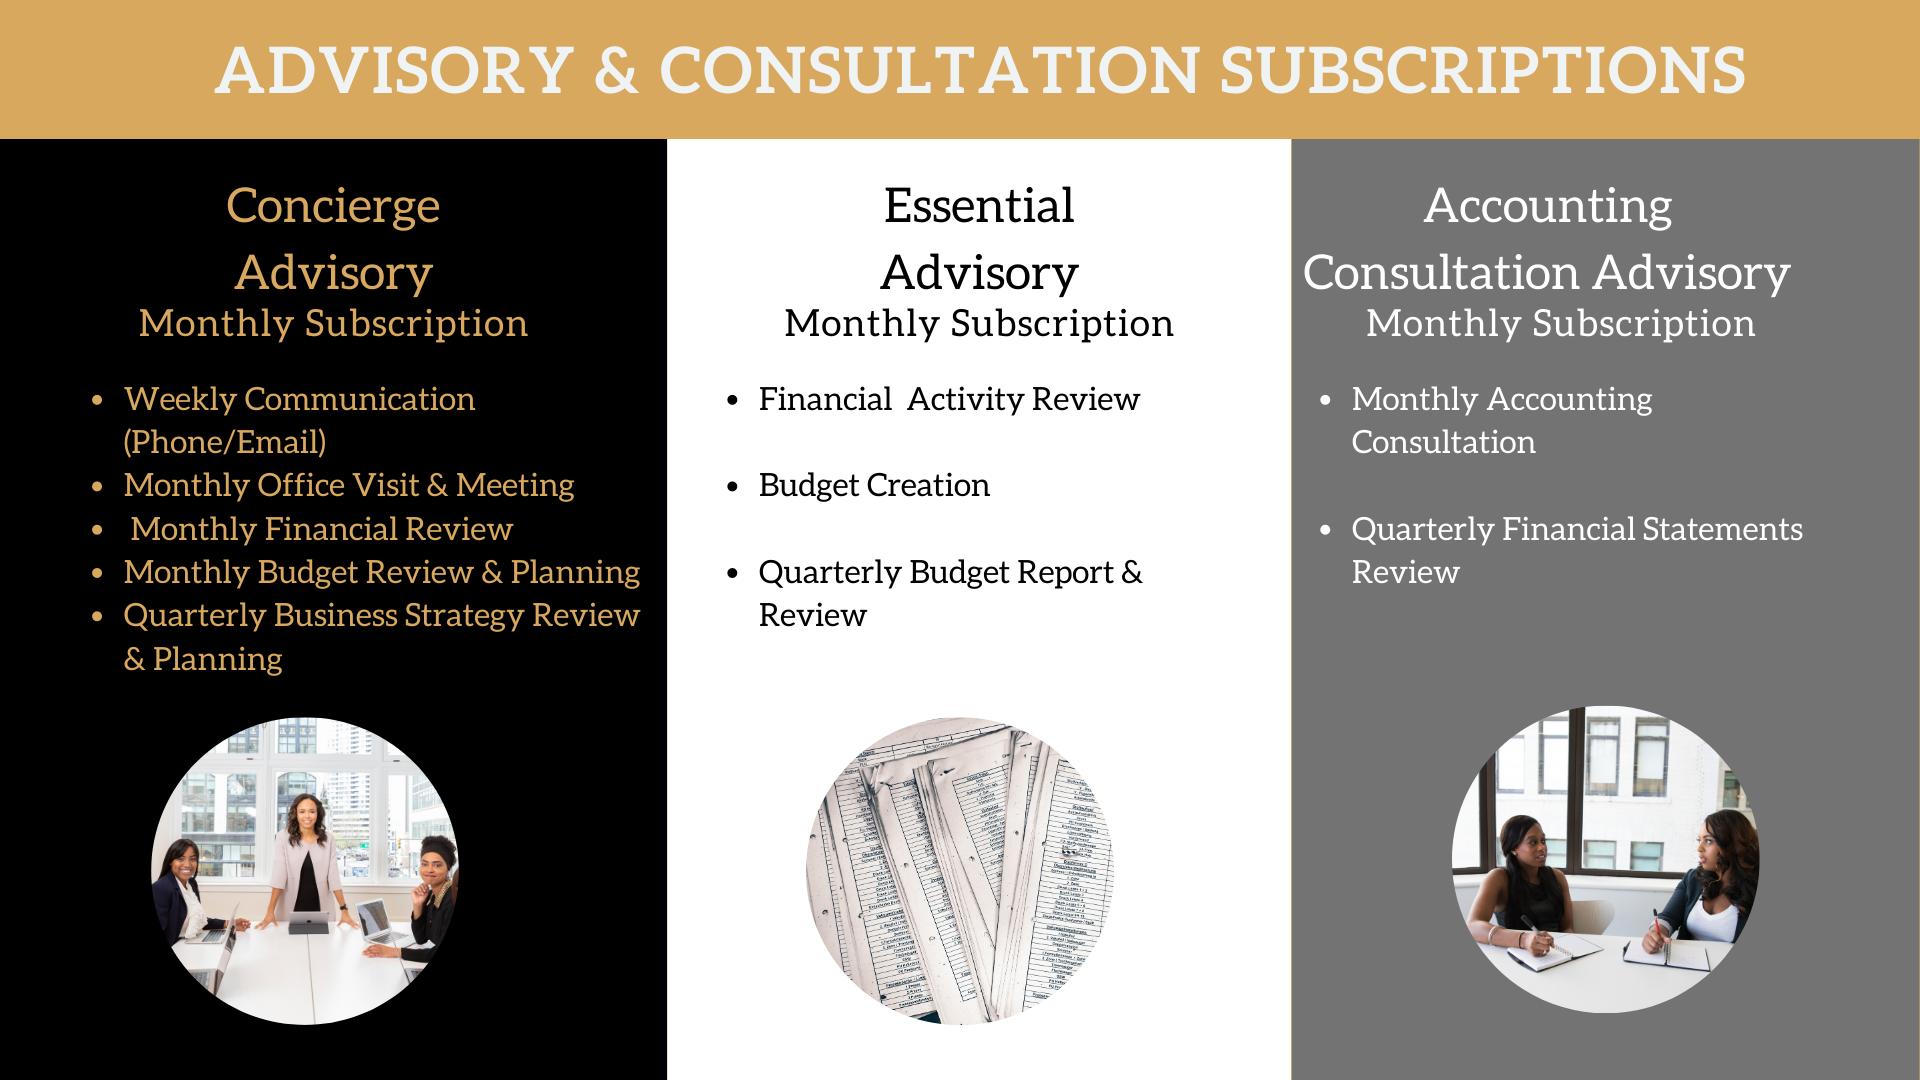 Advisory Consultation